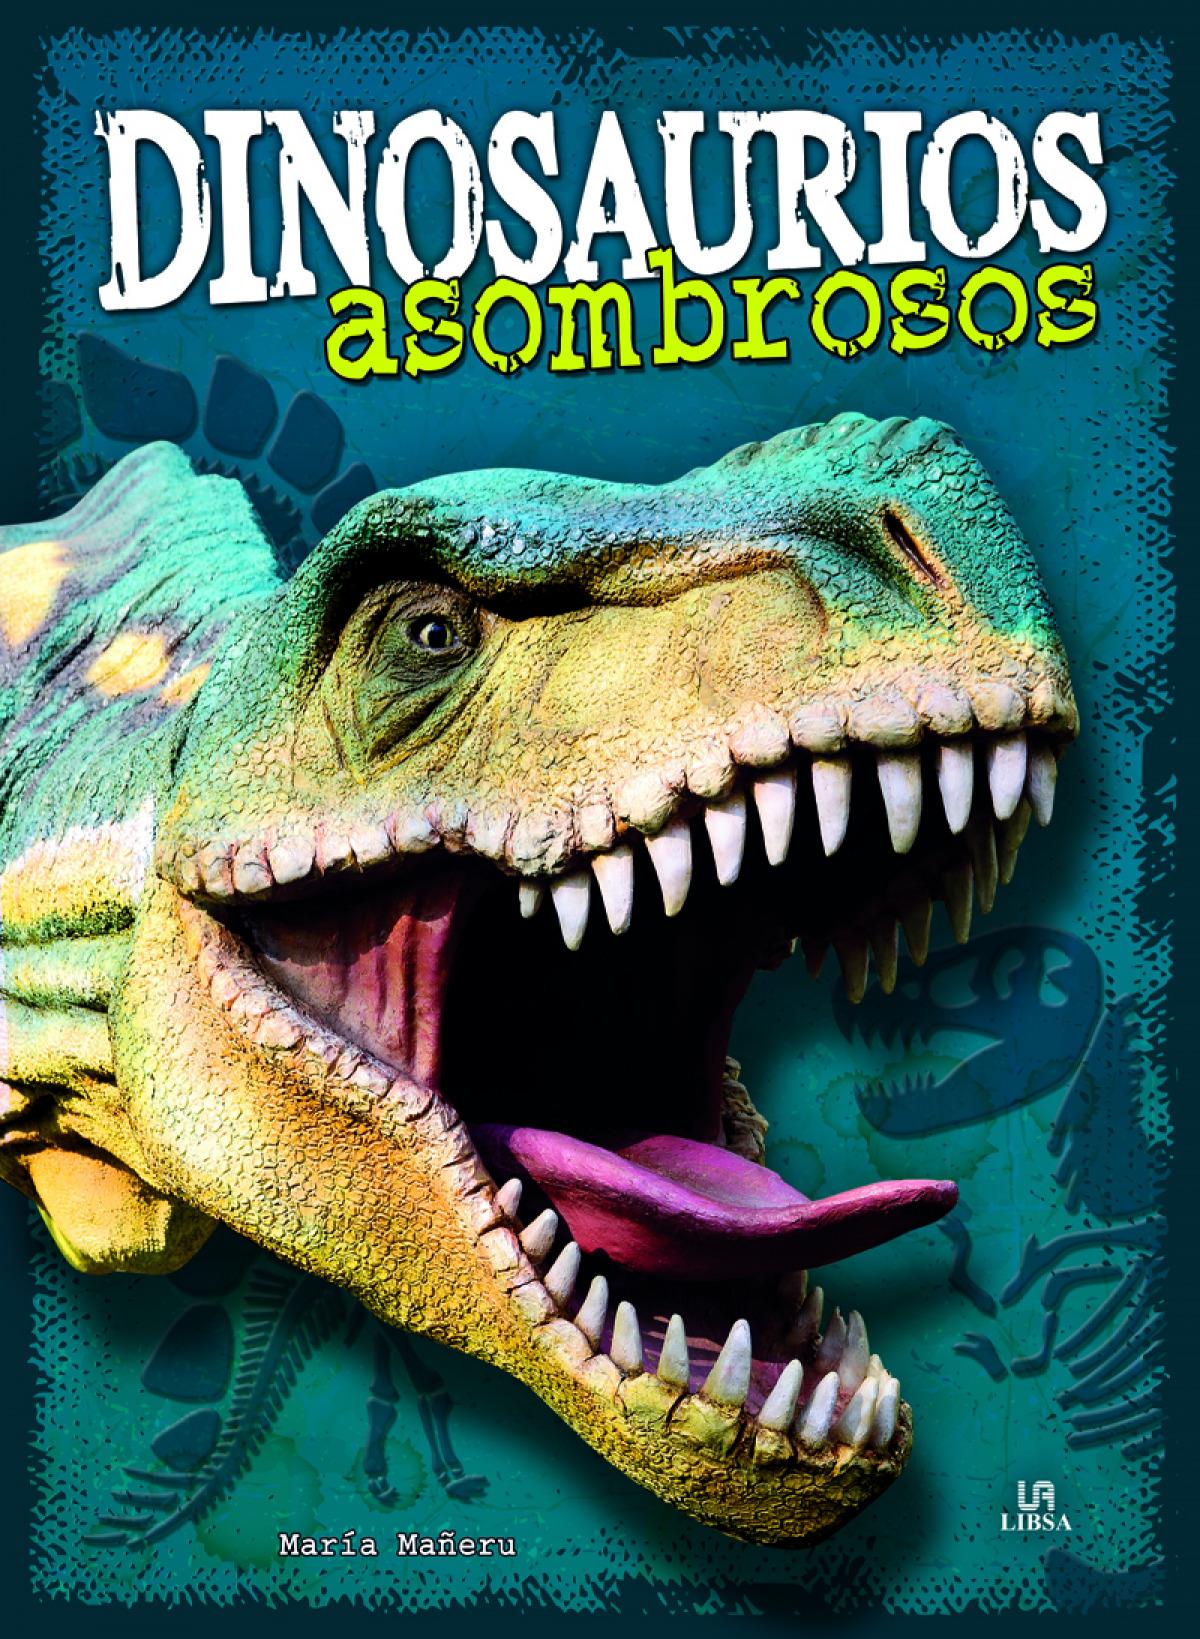 Dinosaurios Asombrosos 9788466234719